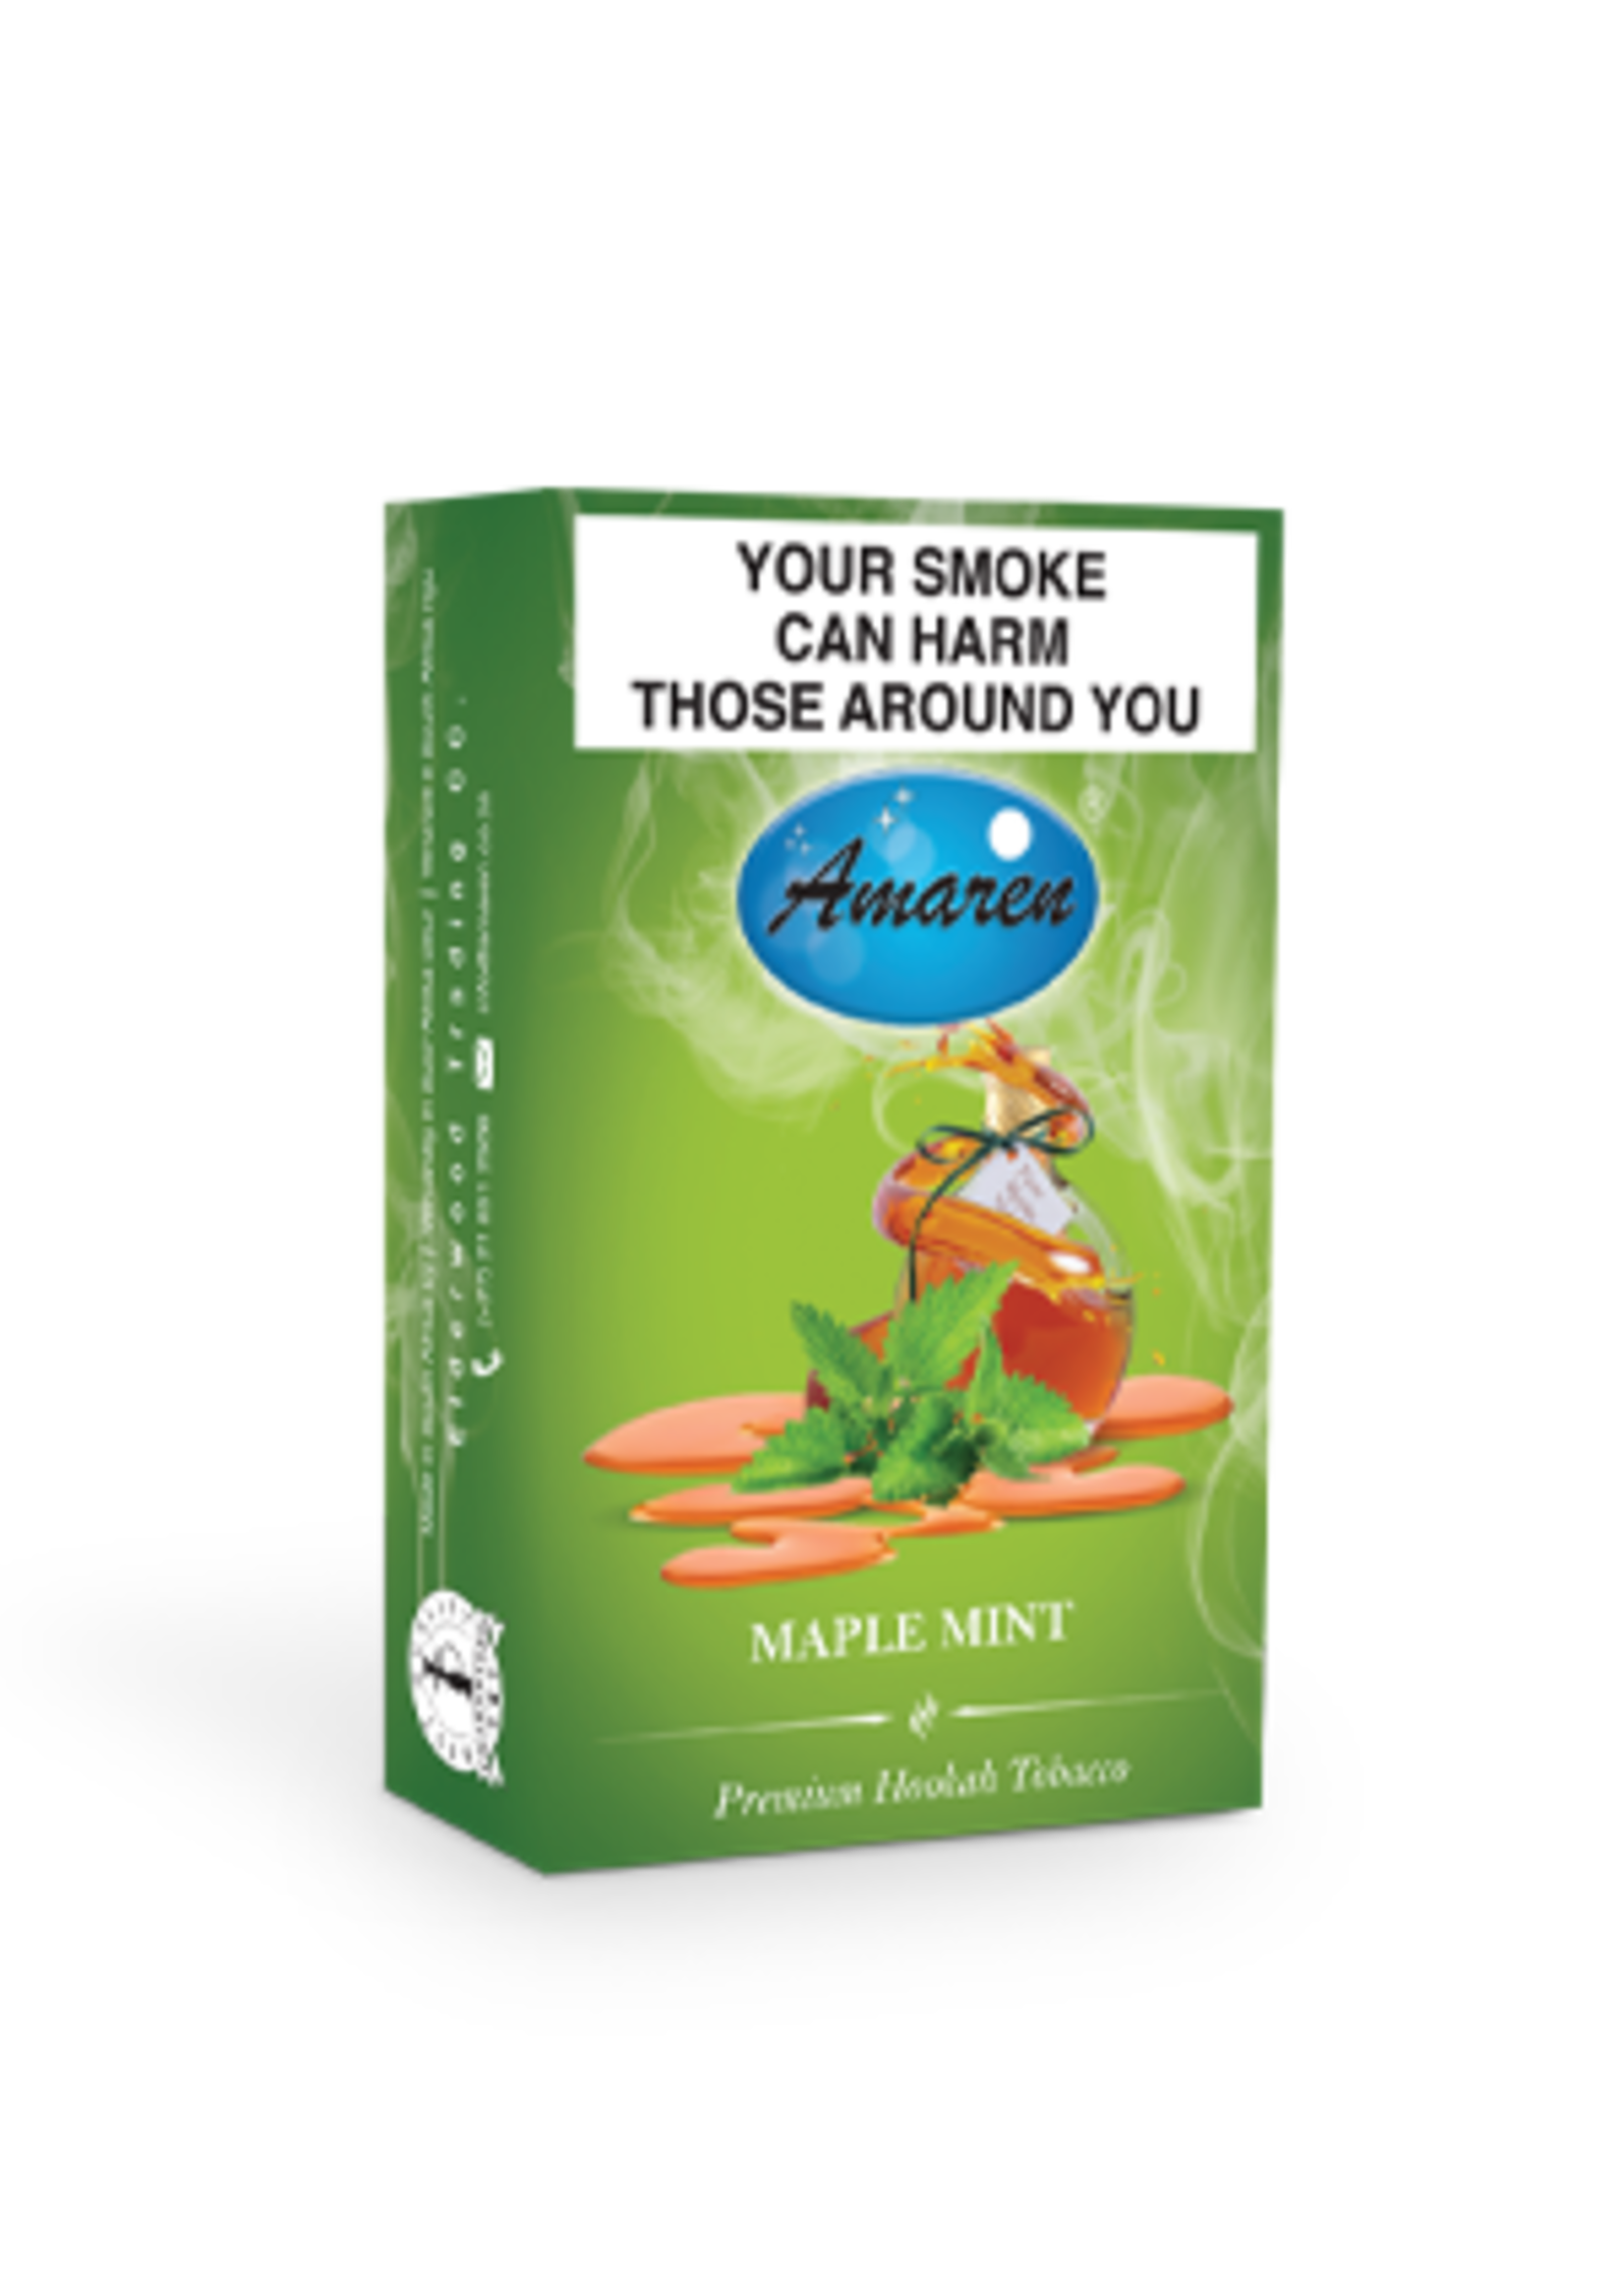 Amaren hubbly flavour - maple mint